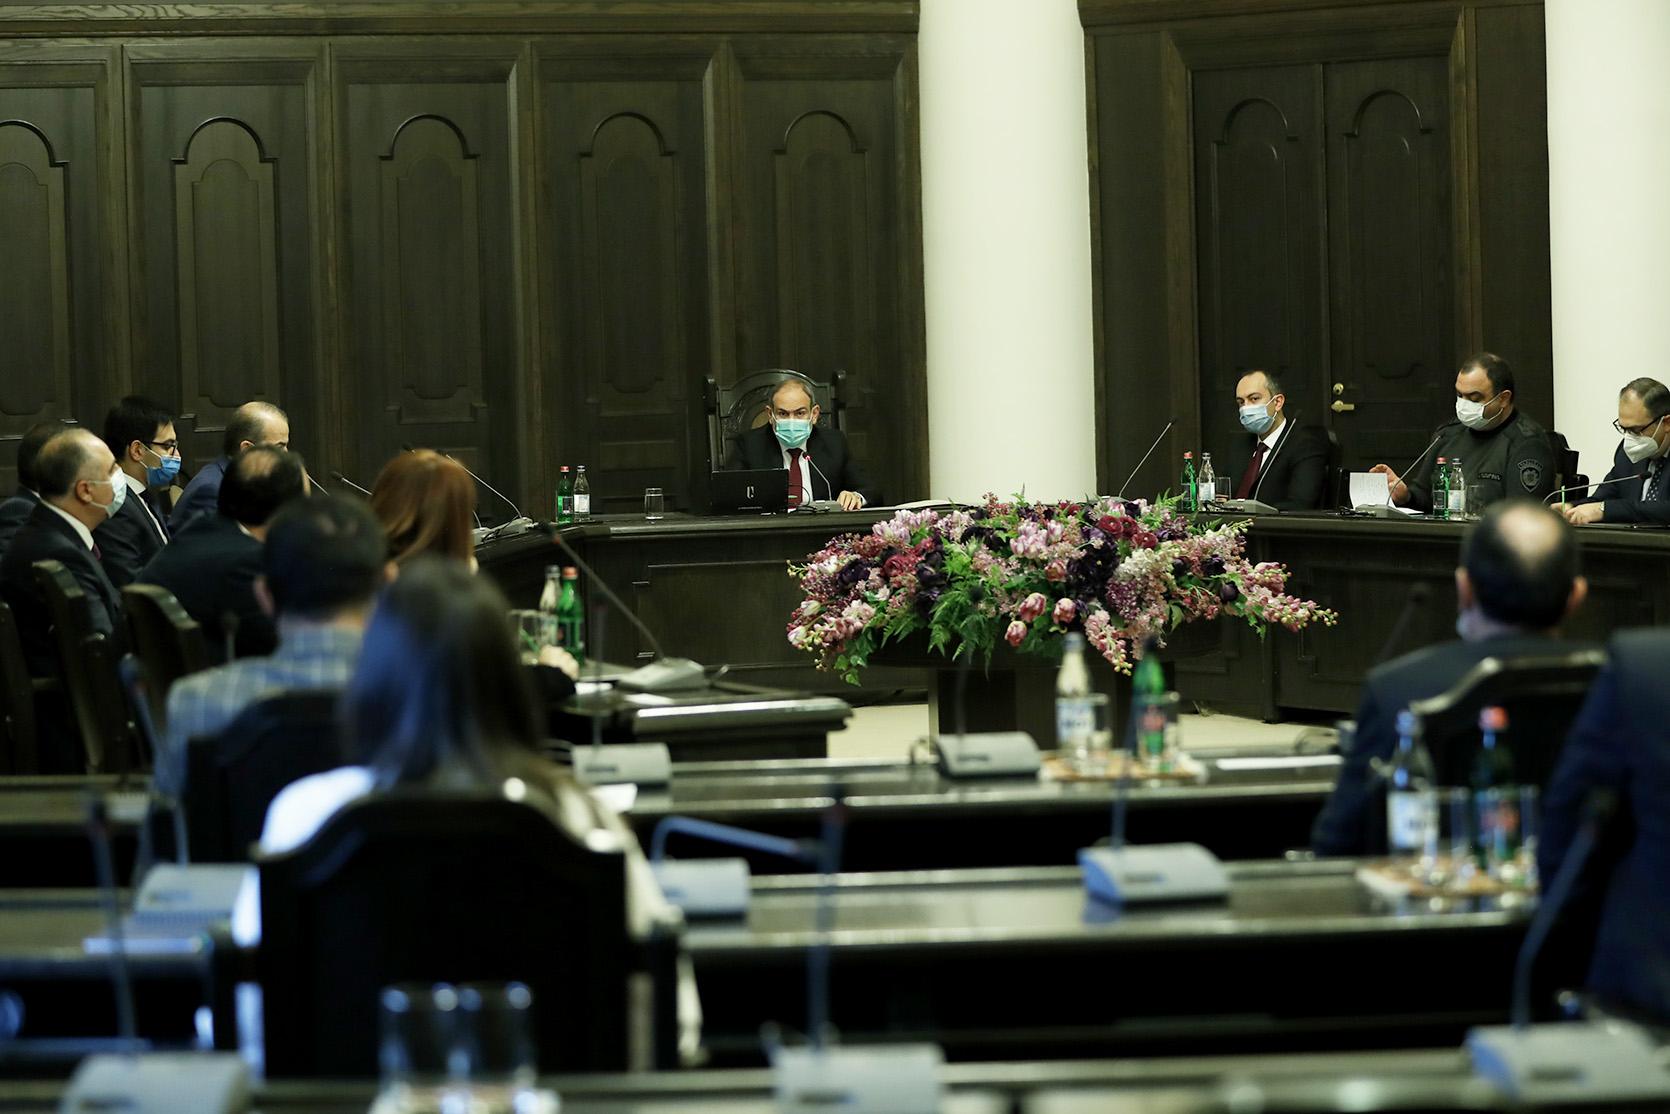 Photo of Վարչապետի մոտ իրավապահ համակարգի ղեկավարների մասնակցությամբ տեղի է ունեցել խորհրդակցություն